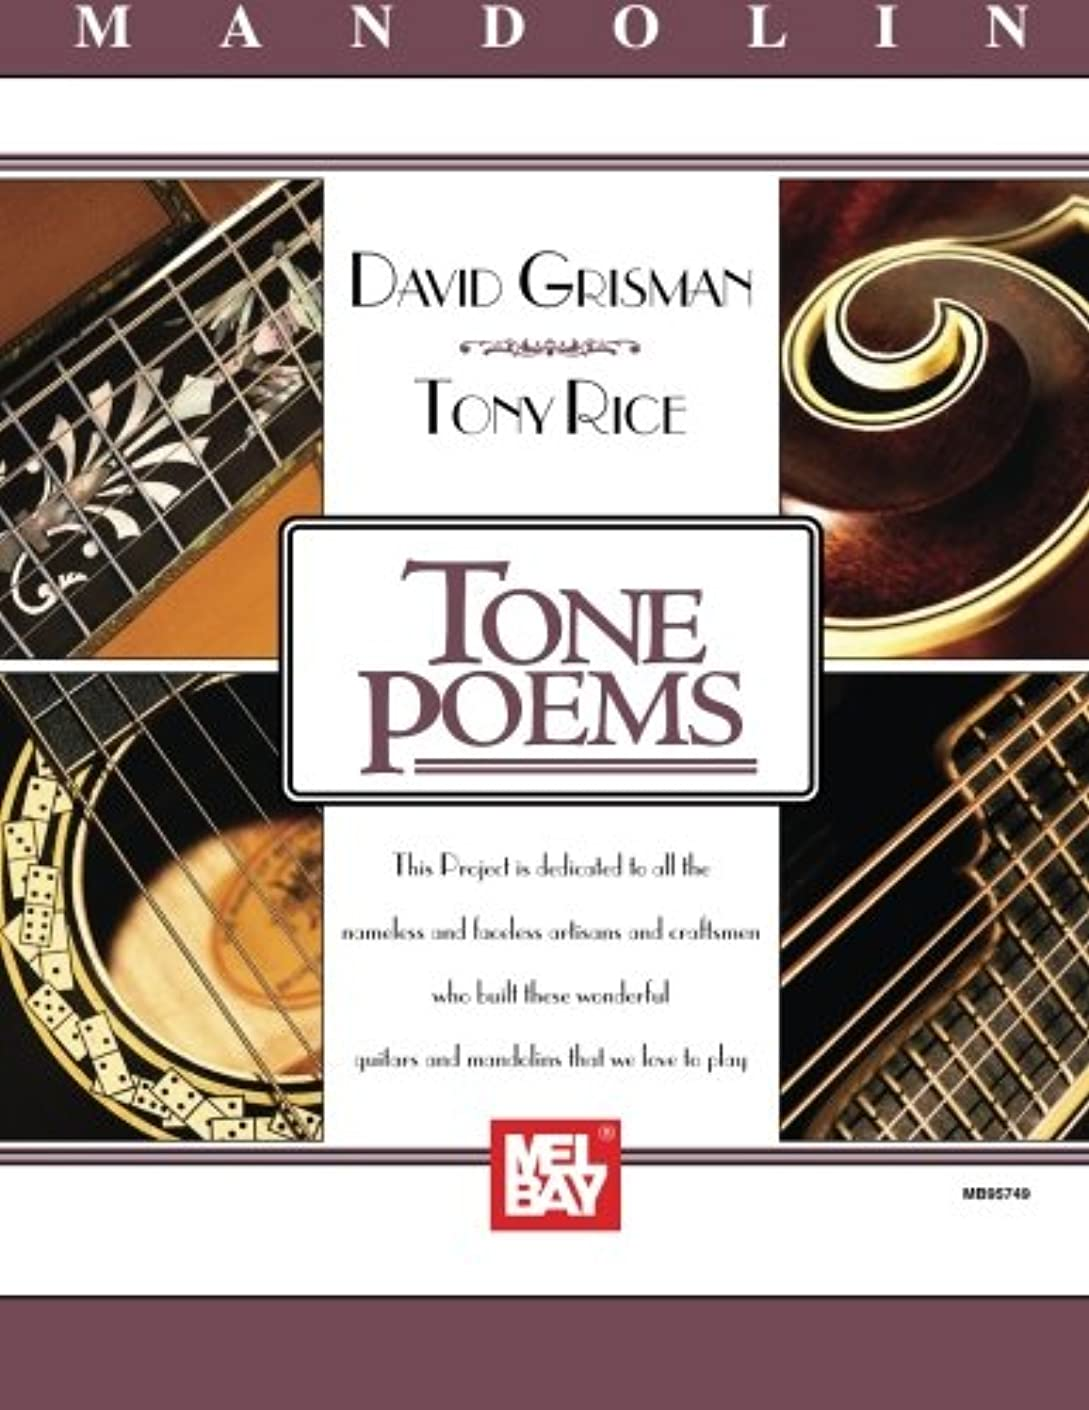 レーザゆり変換Mel Bay Presents Tone Poems for Mandolin (Acoustic Disc Records)